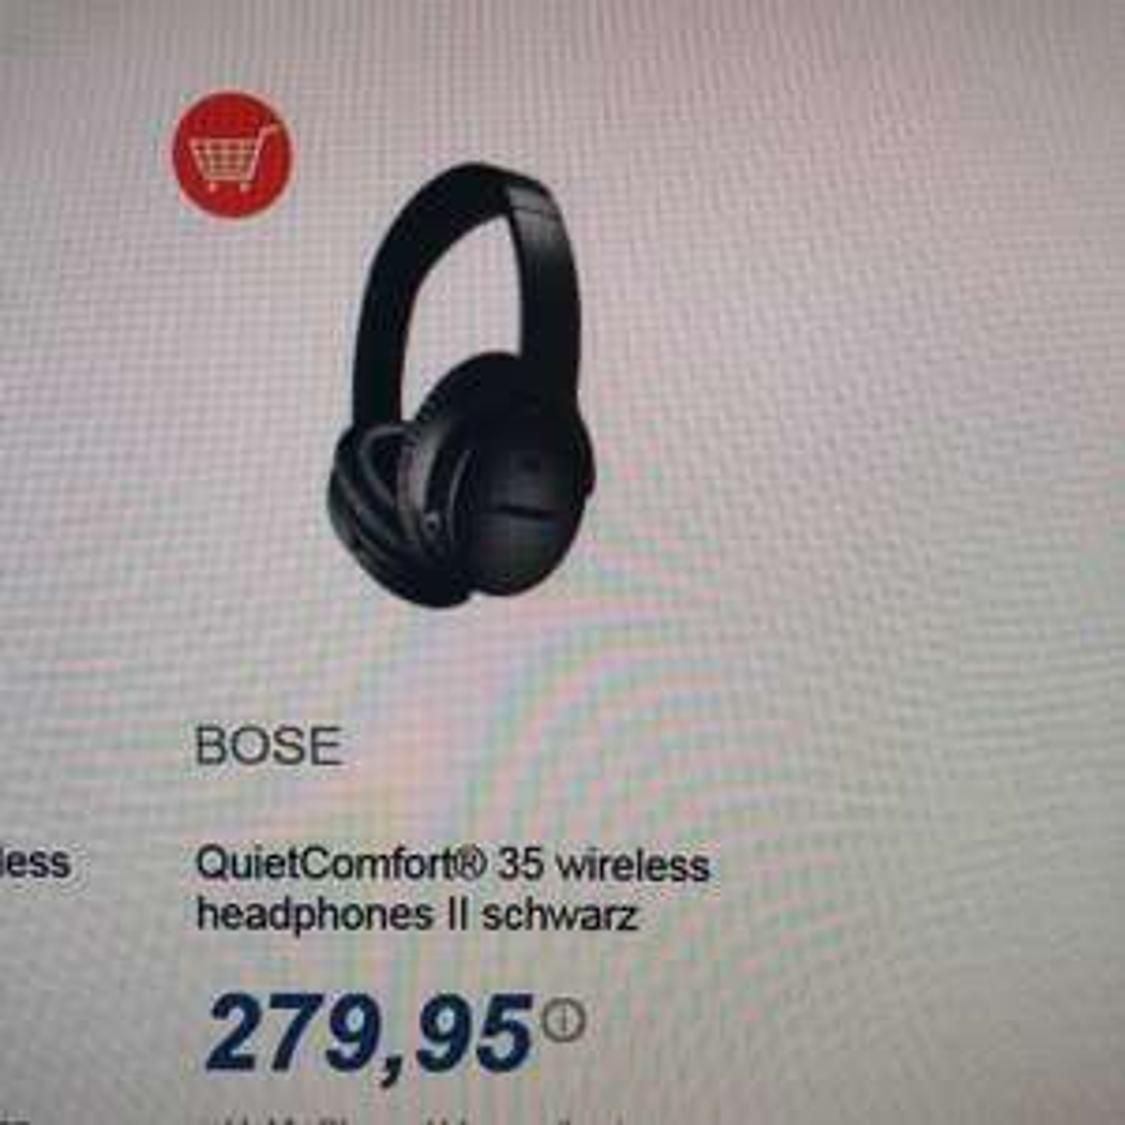 Bose QC35II | online verfügbar mit Versand (expert Oehler 77694 Kehl) [wieder da]